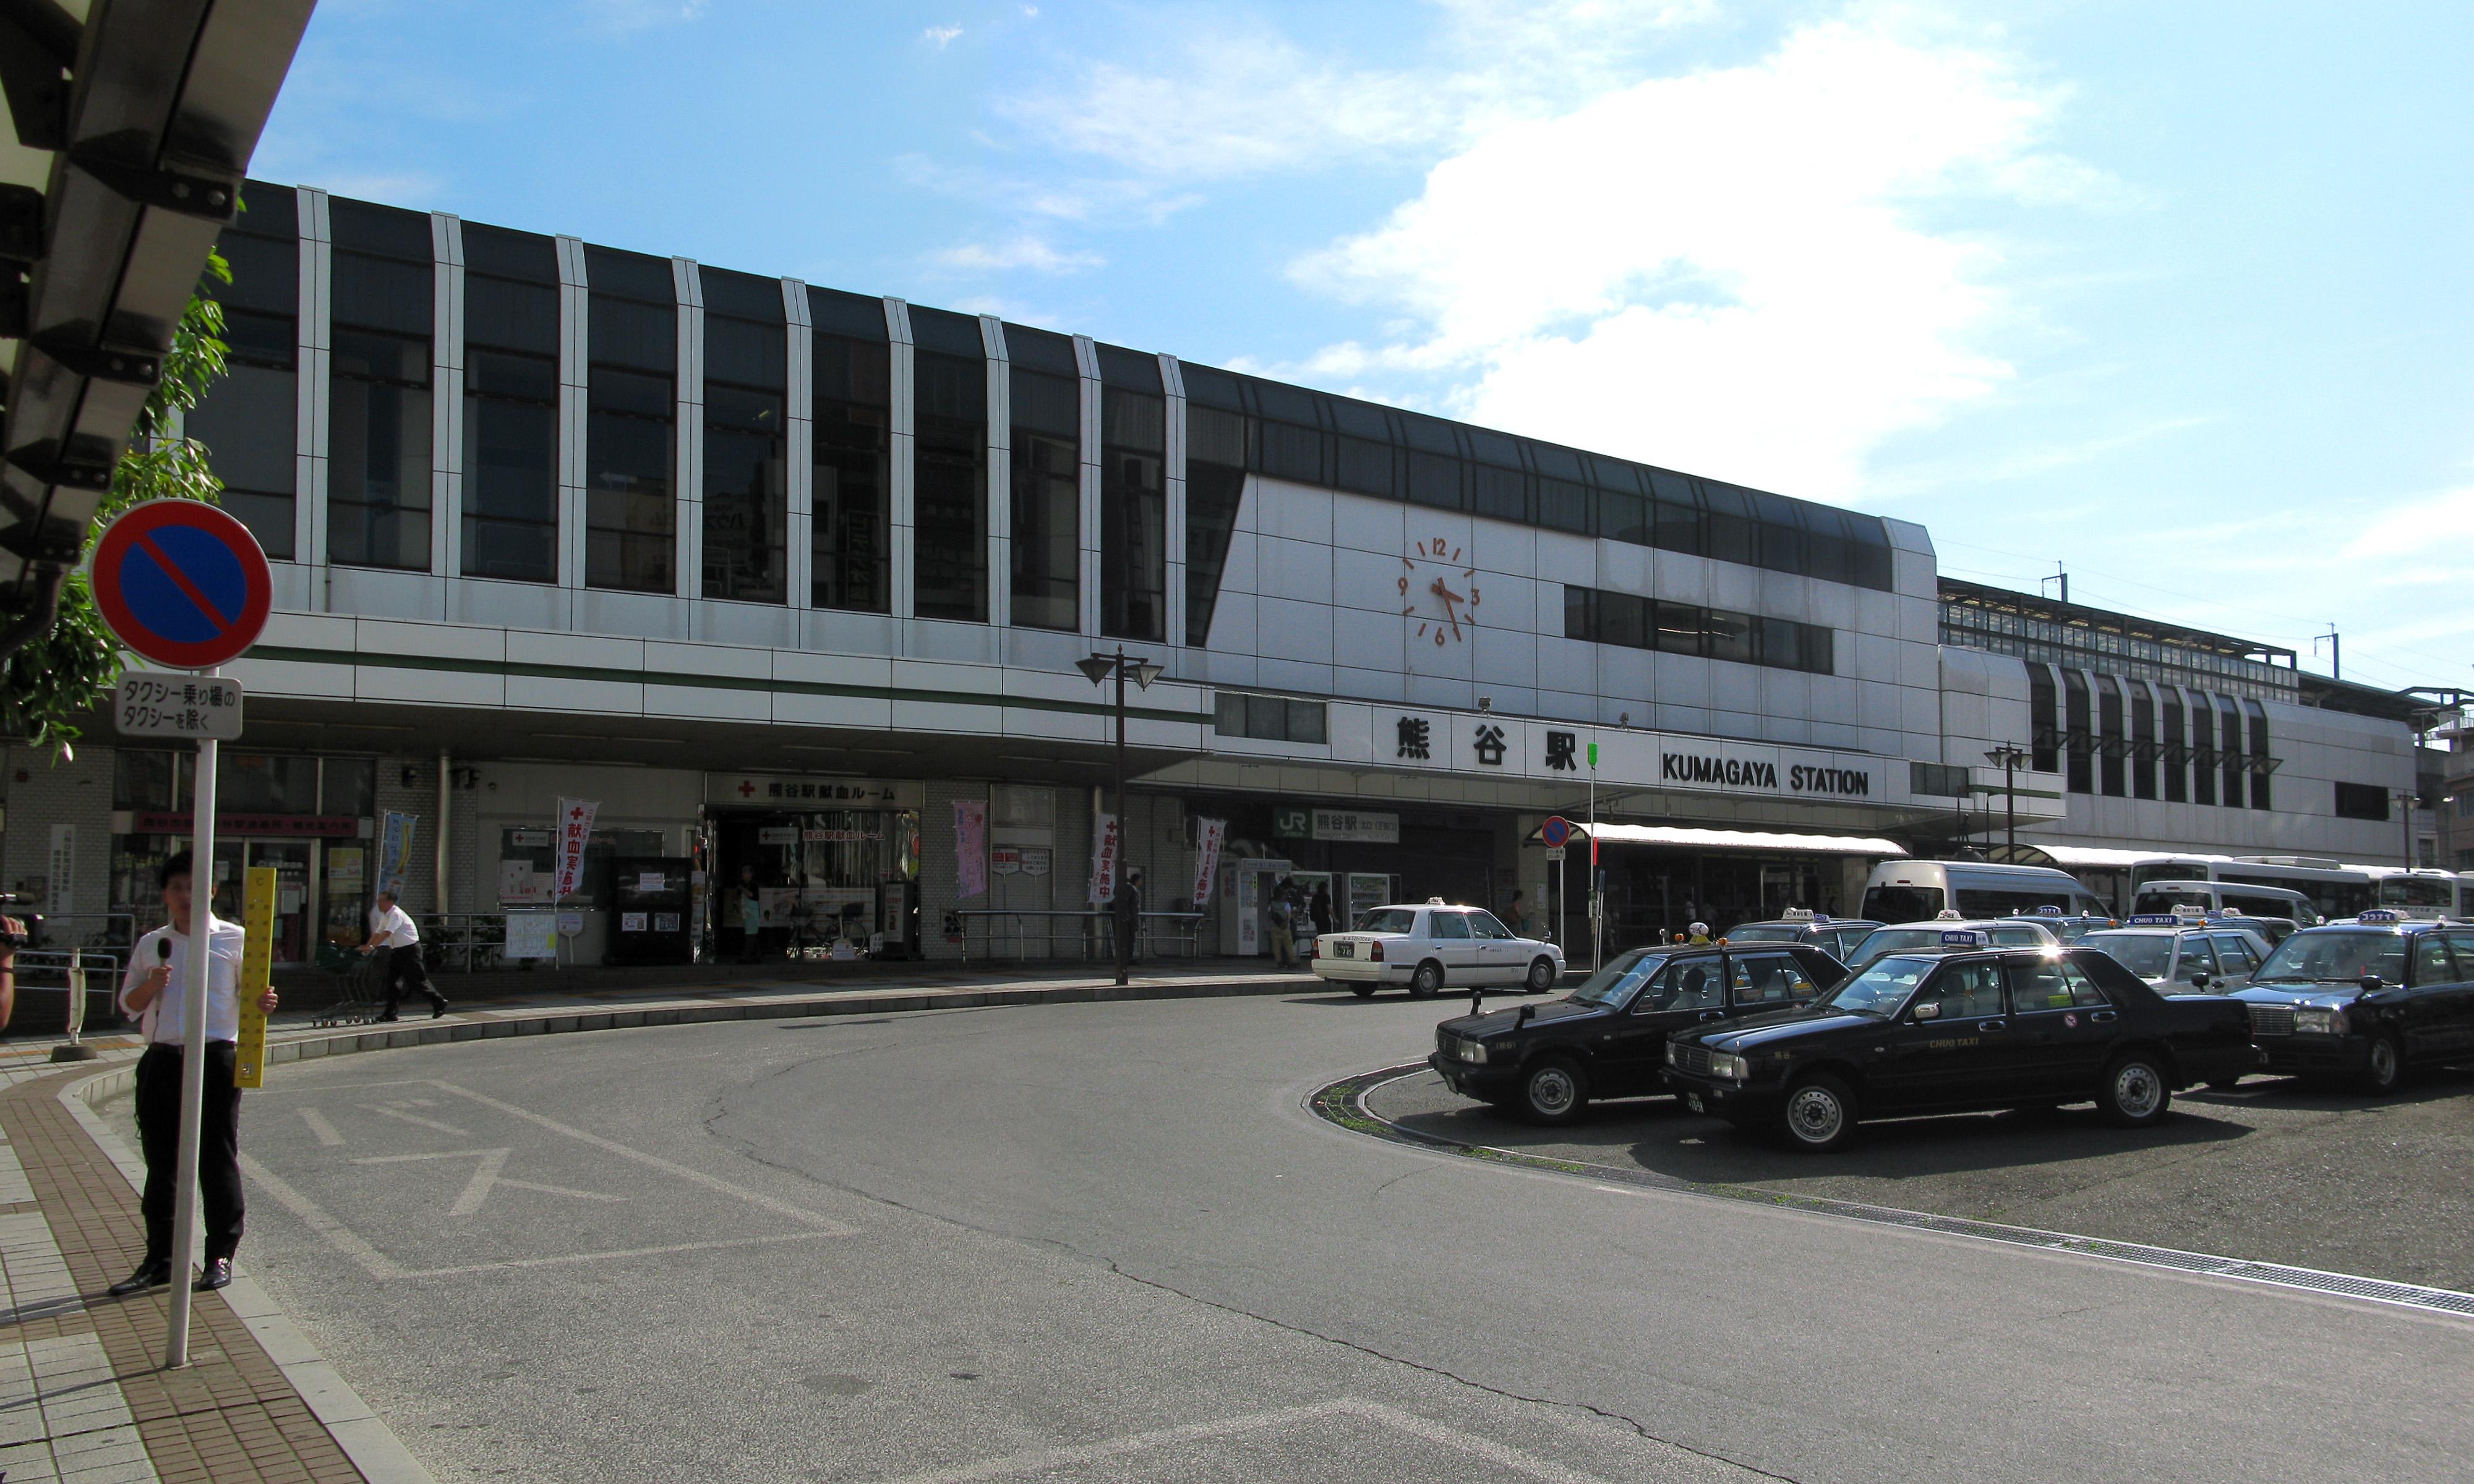 Auto Mamada kumagaya station - wikipedia